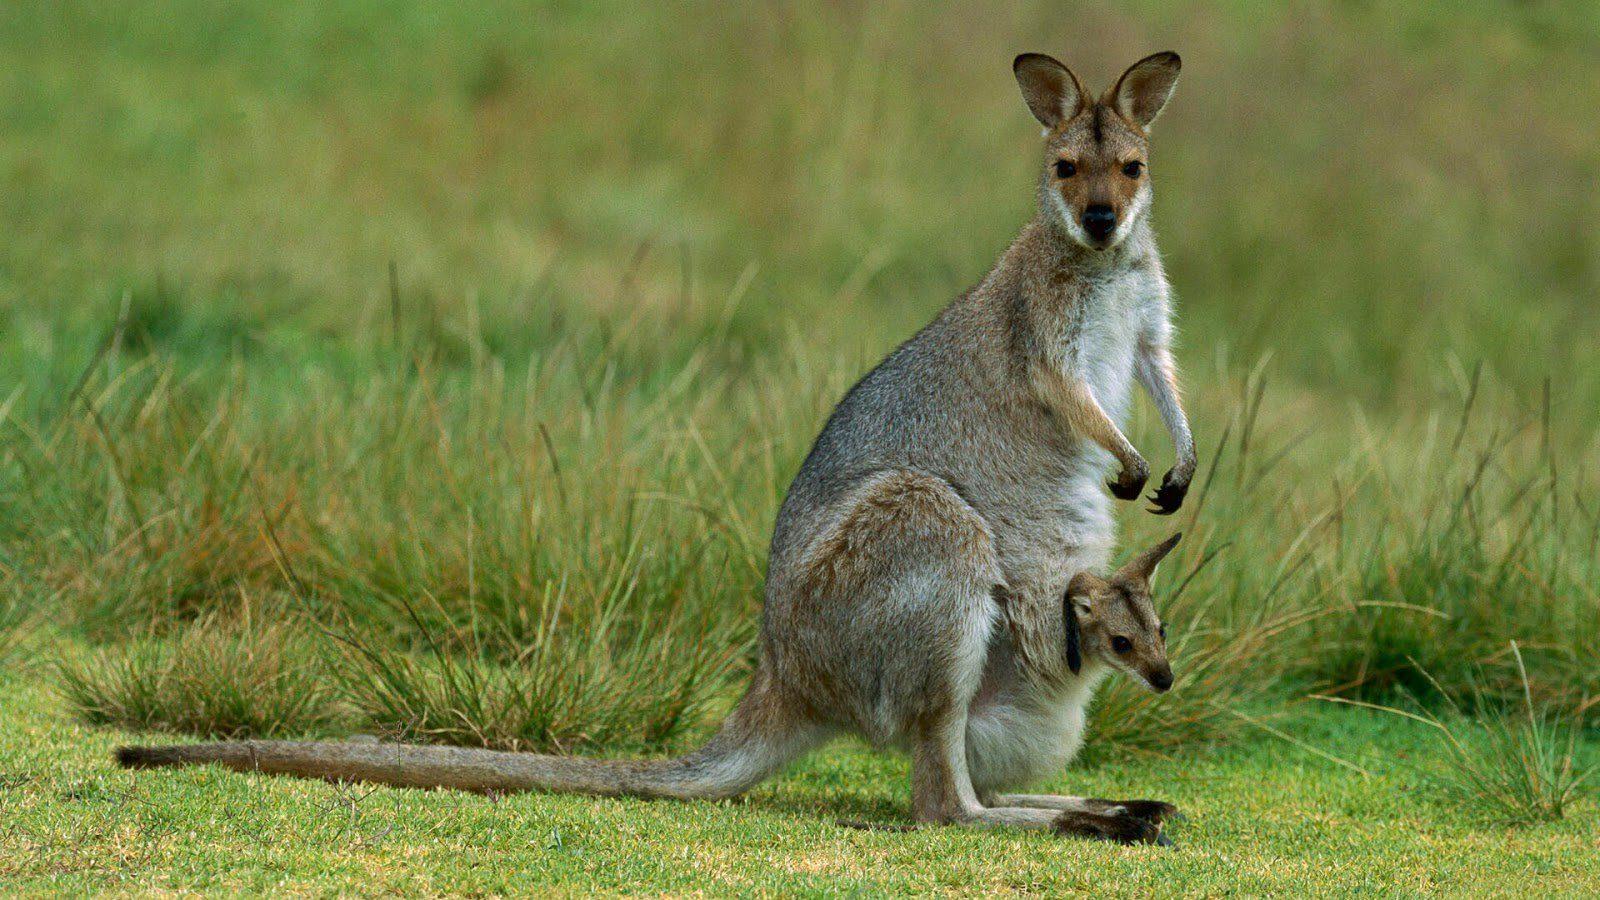 Can S Animales En Peligro De Extincion Imagenes Y Fotos